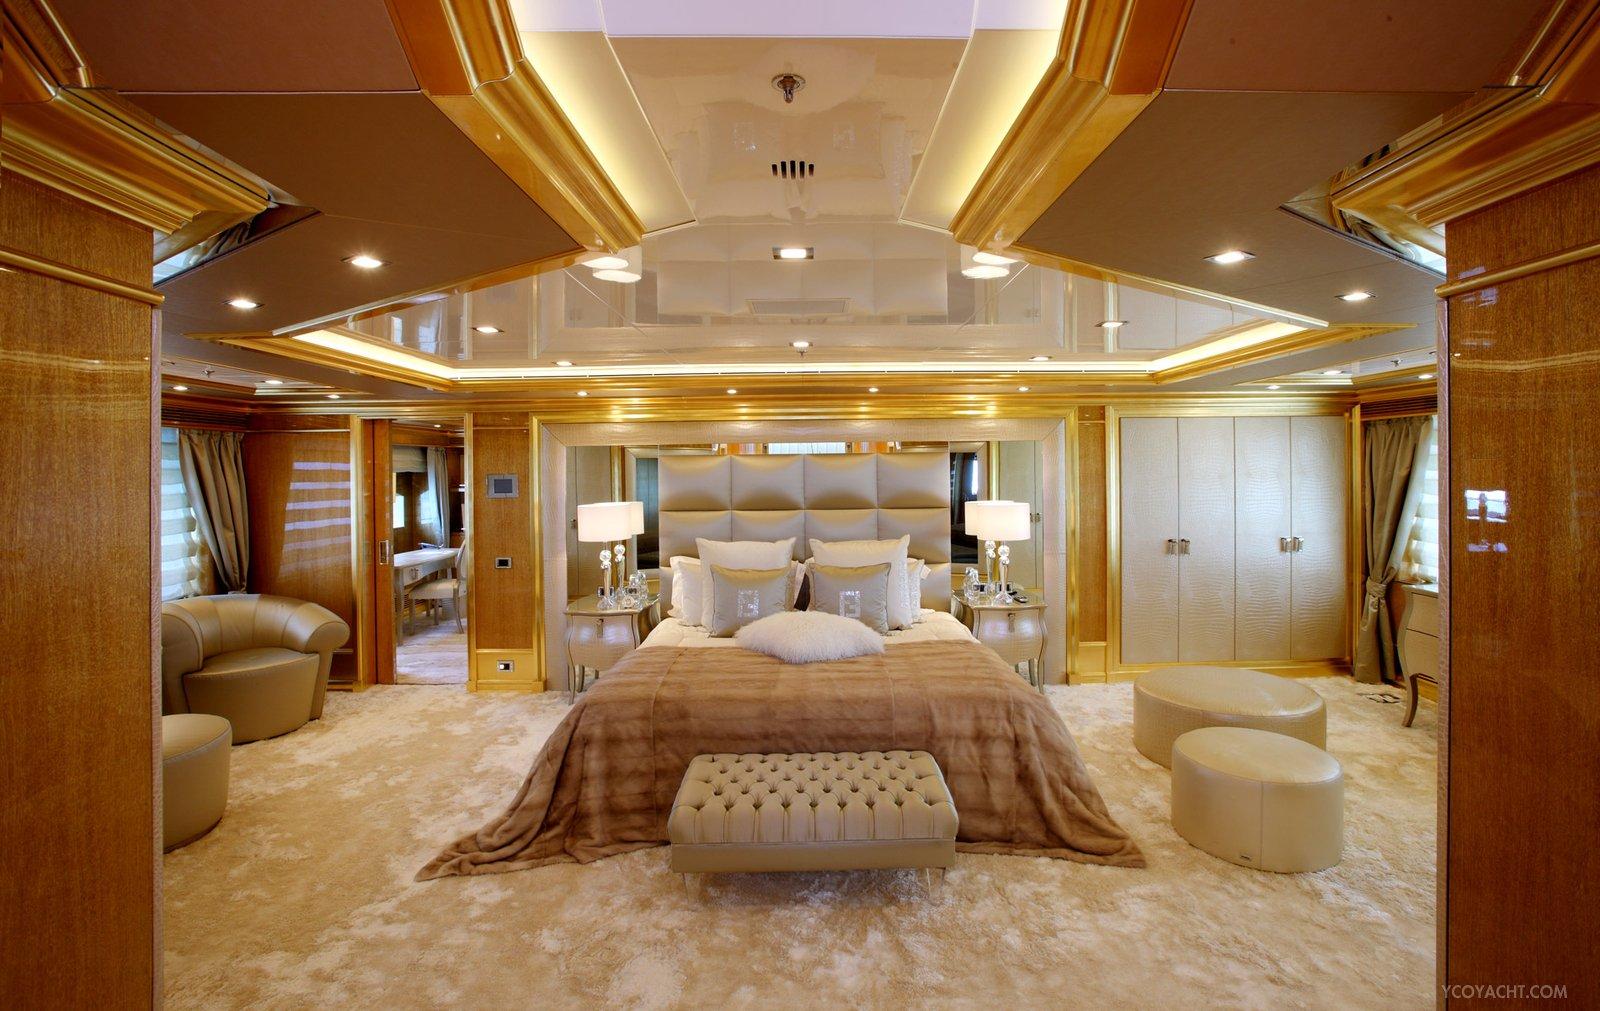 Lady lara le savoir faire du luxe s 39 invite en mer - Most beautiful house interiors ...